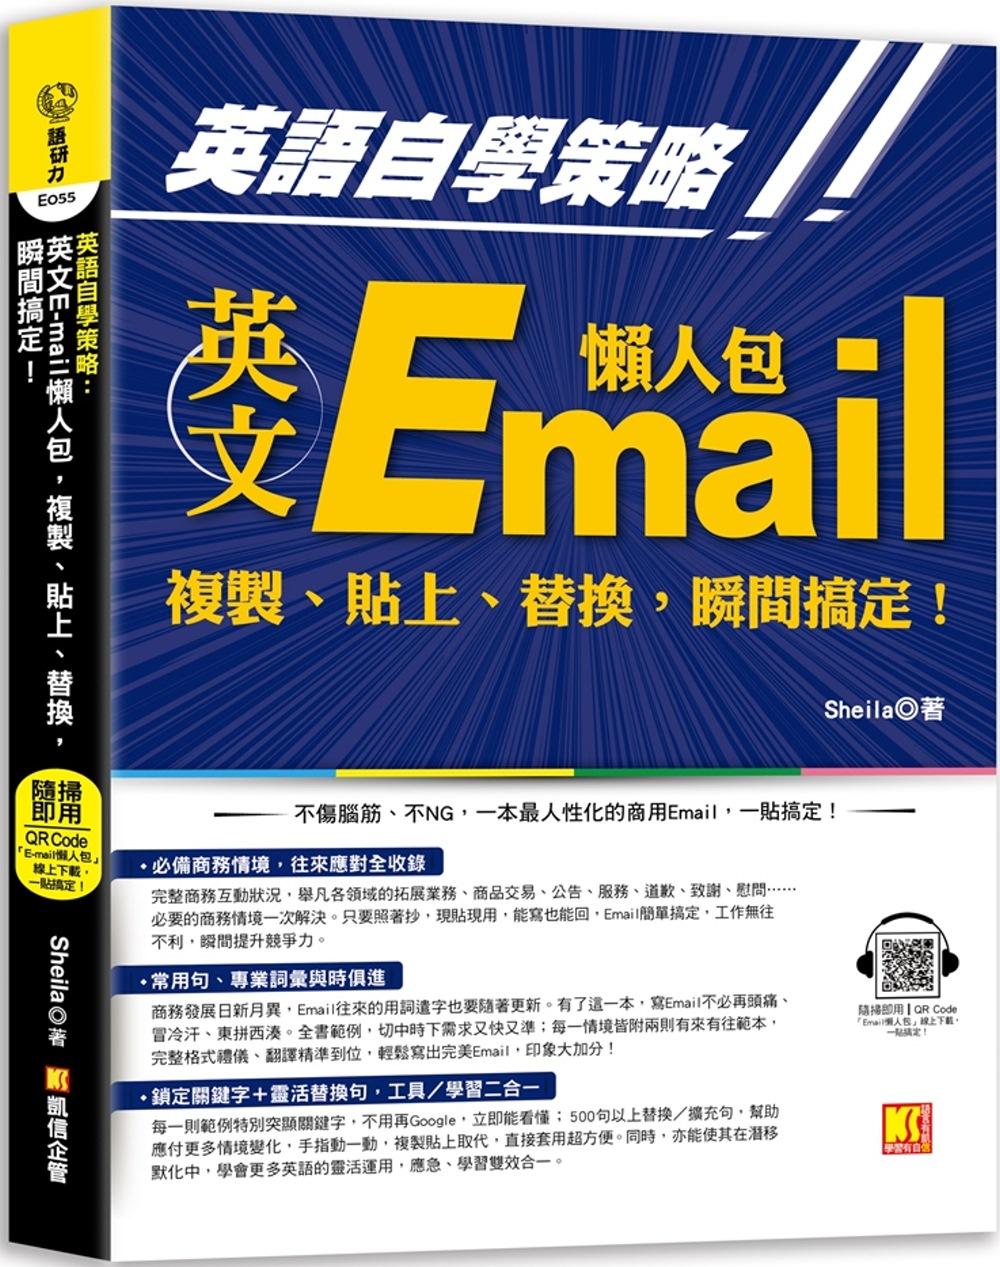 英語自學策略:英文Email懶...